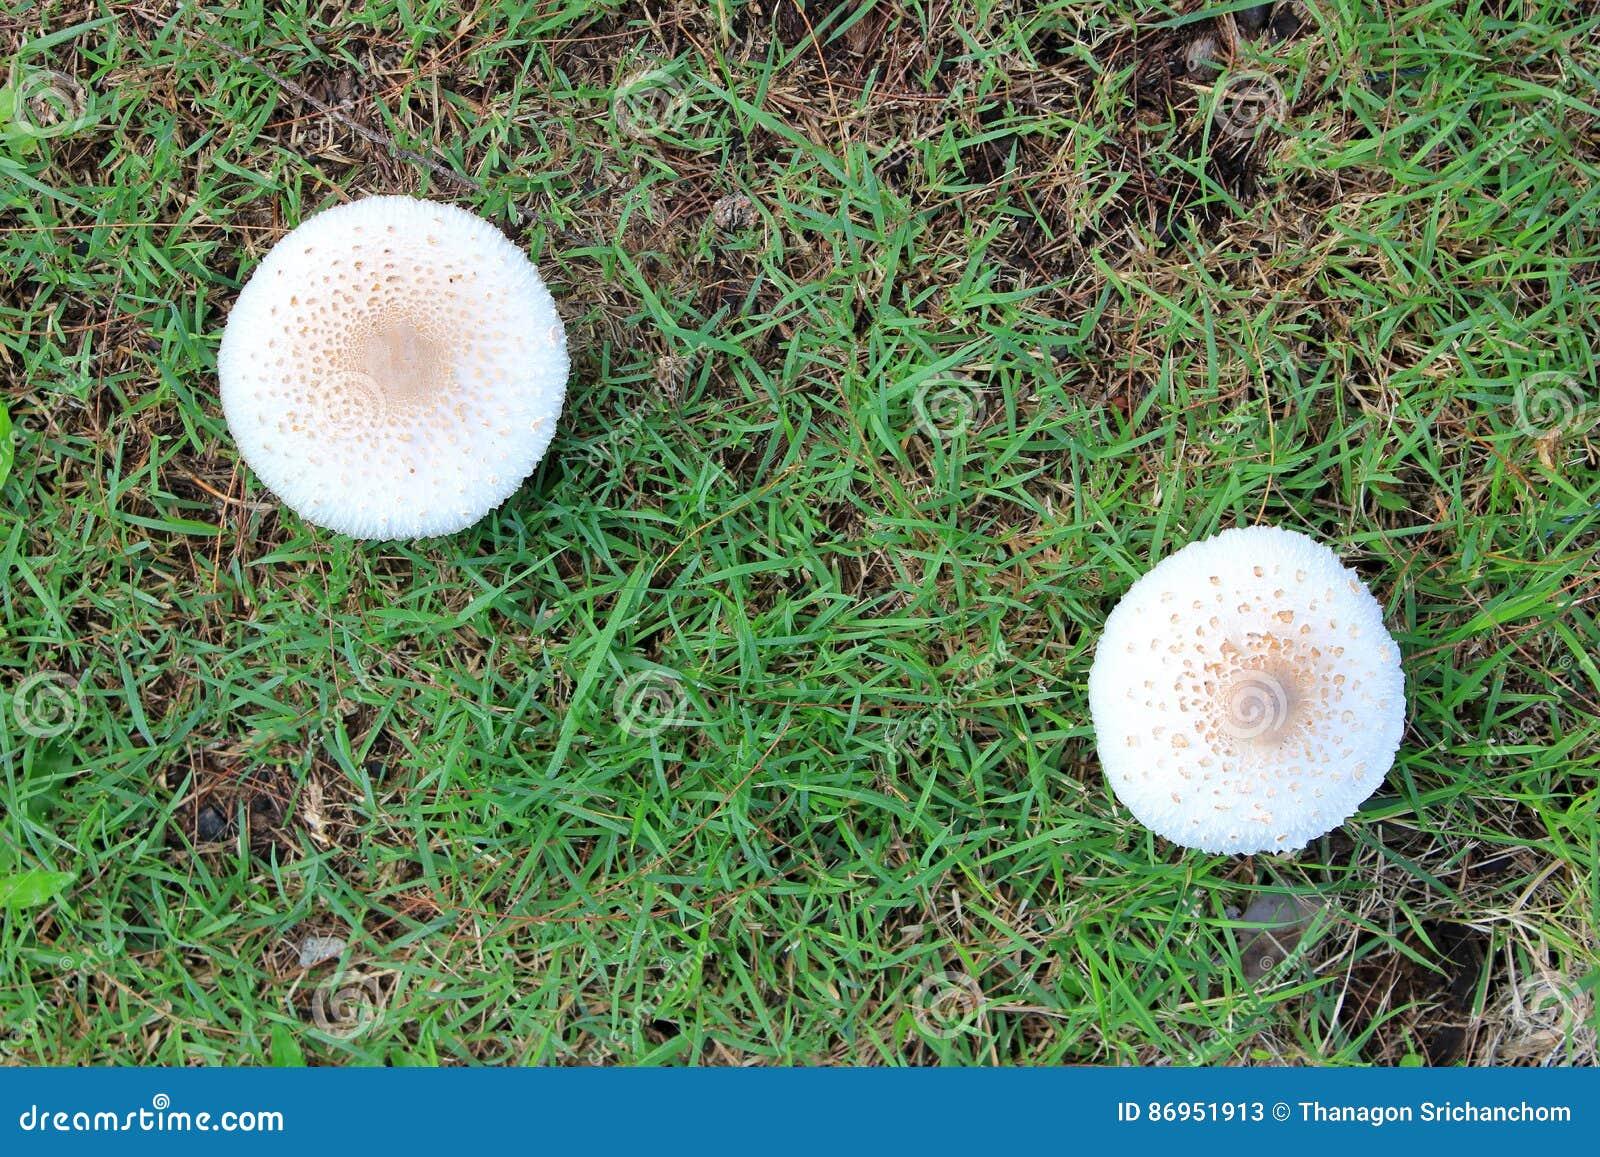 Weiße Pilze Auf Dem Rasen Stockbild Bild Von Schutzkappe 86951913